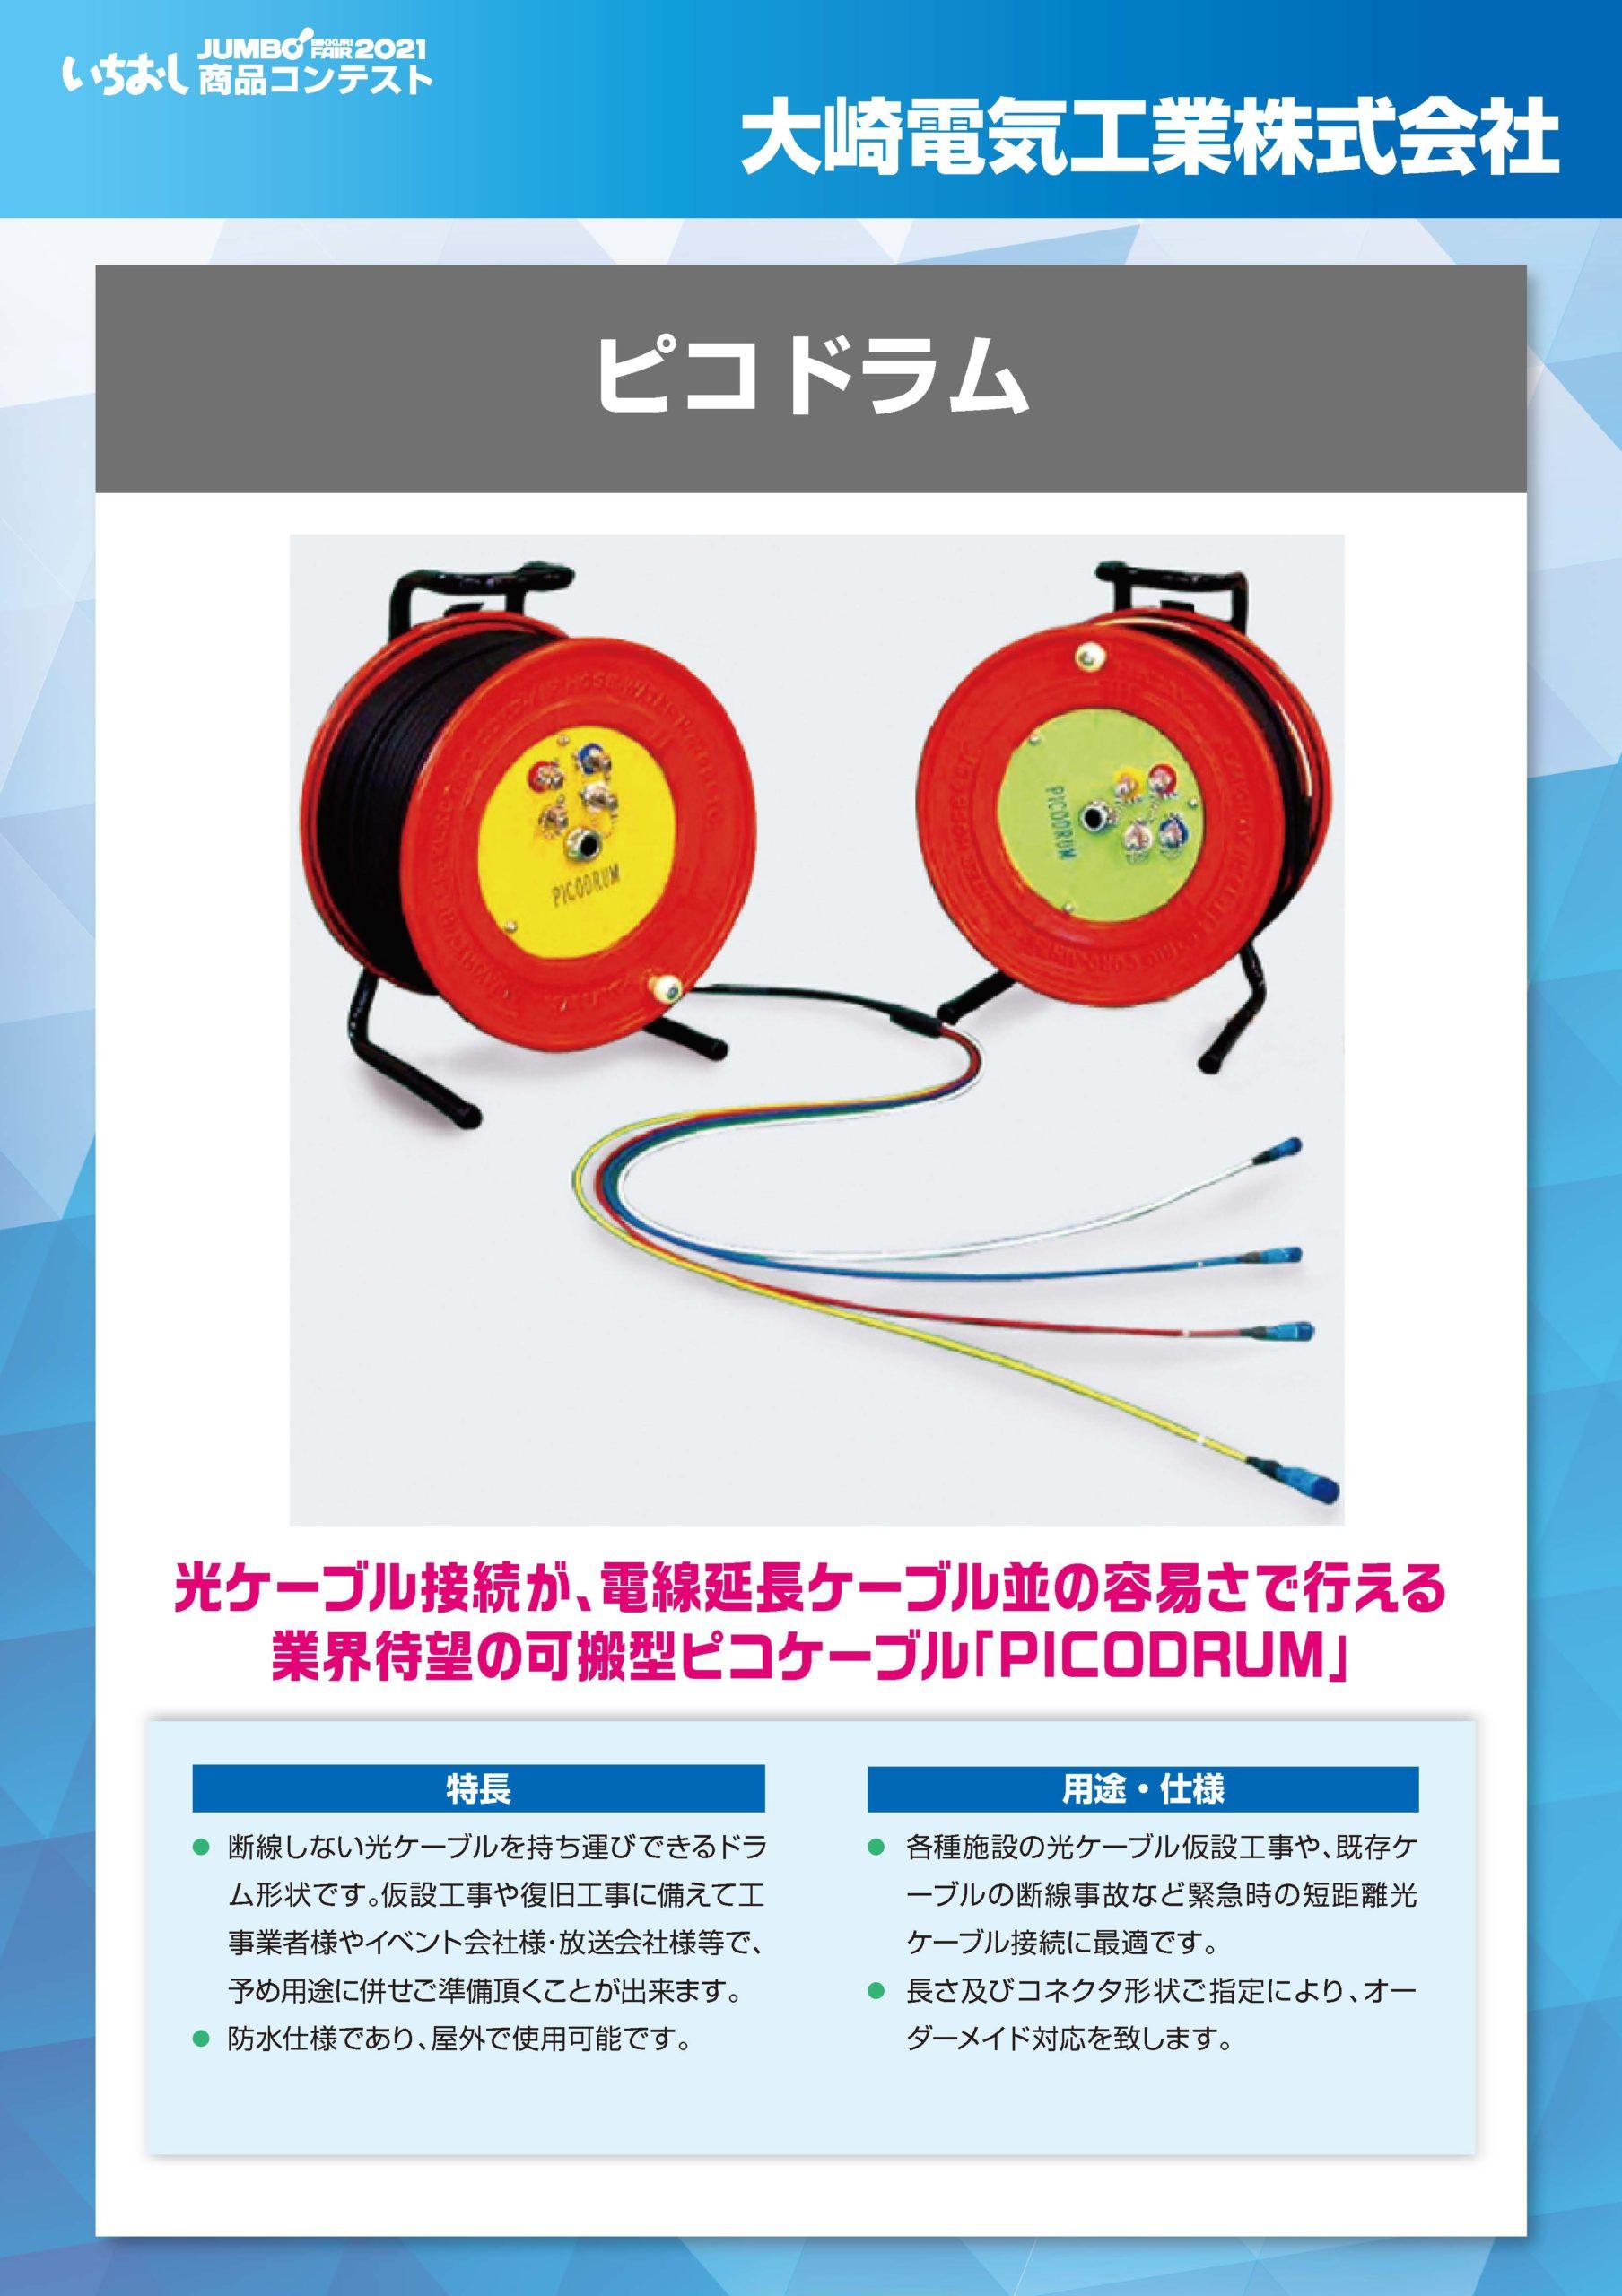 「ピコドラム」大崎電気工業株式会社の画像